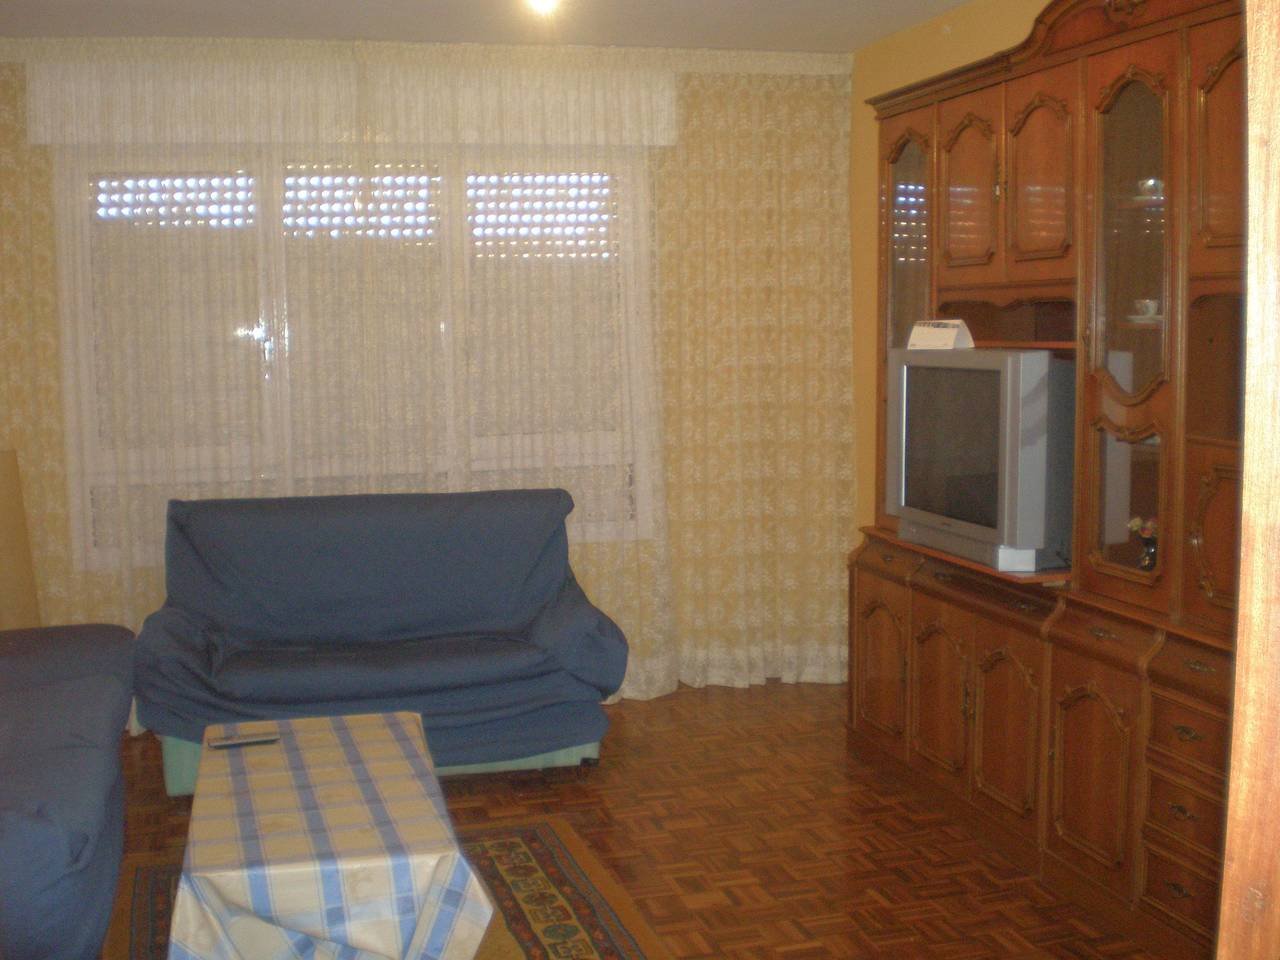 en soria se alquilan una habitacion en piso compartido  - Foto 9